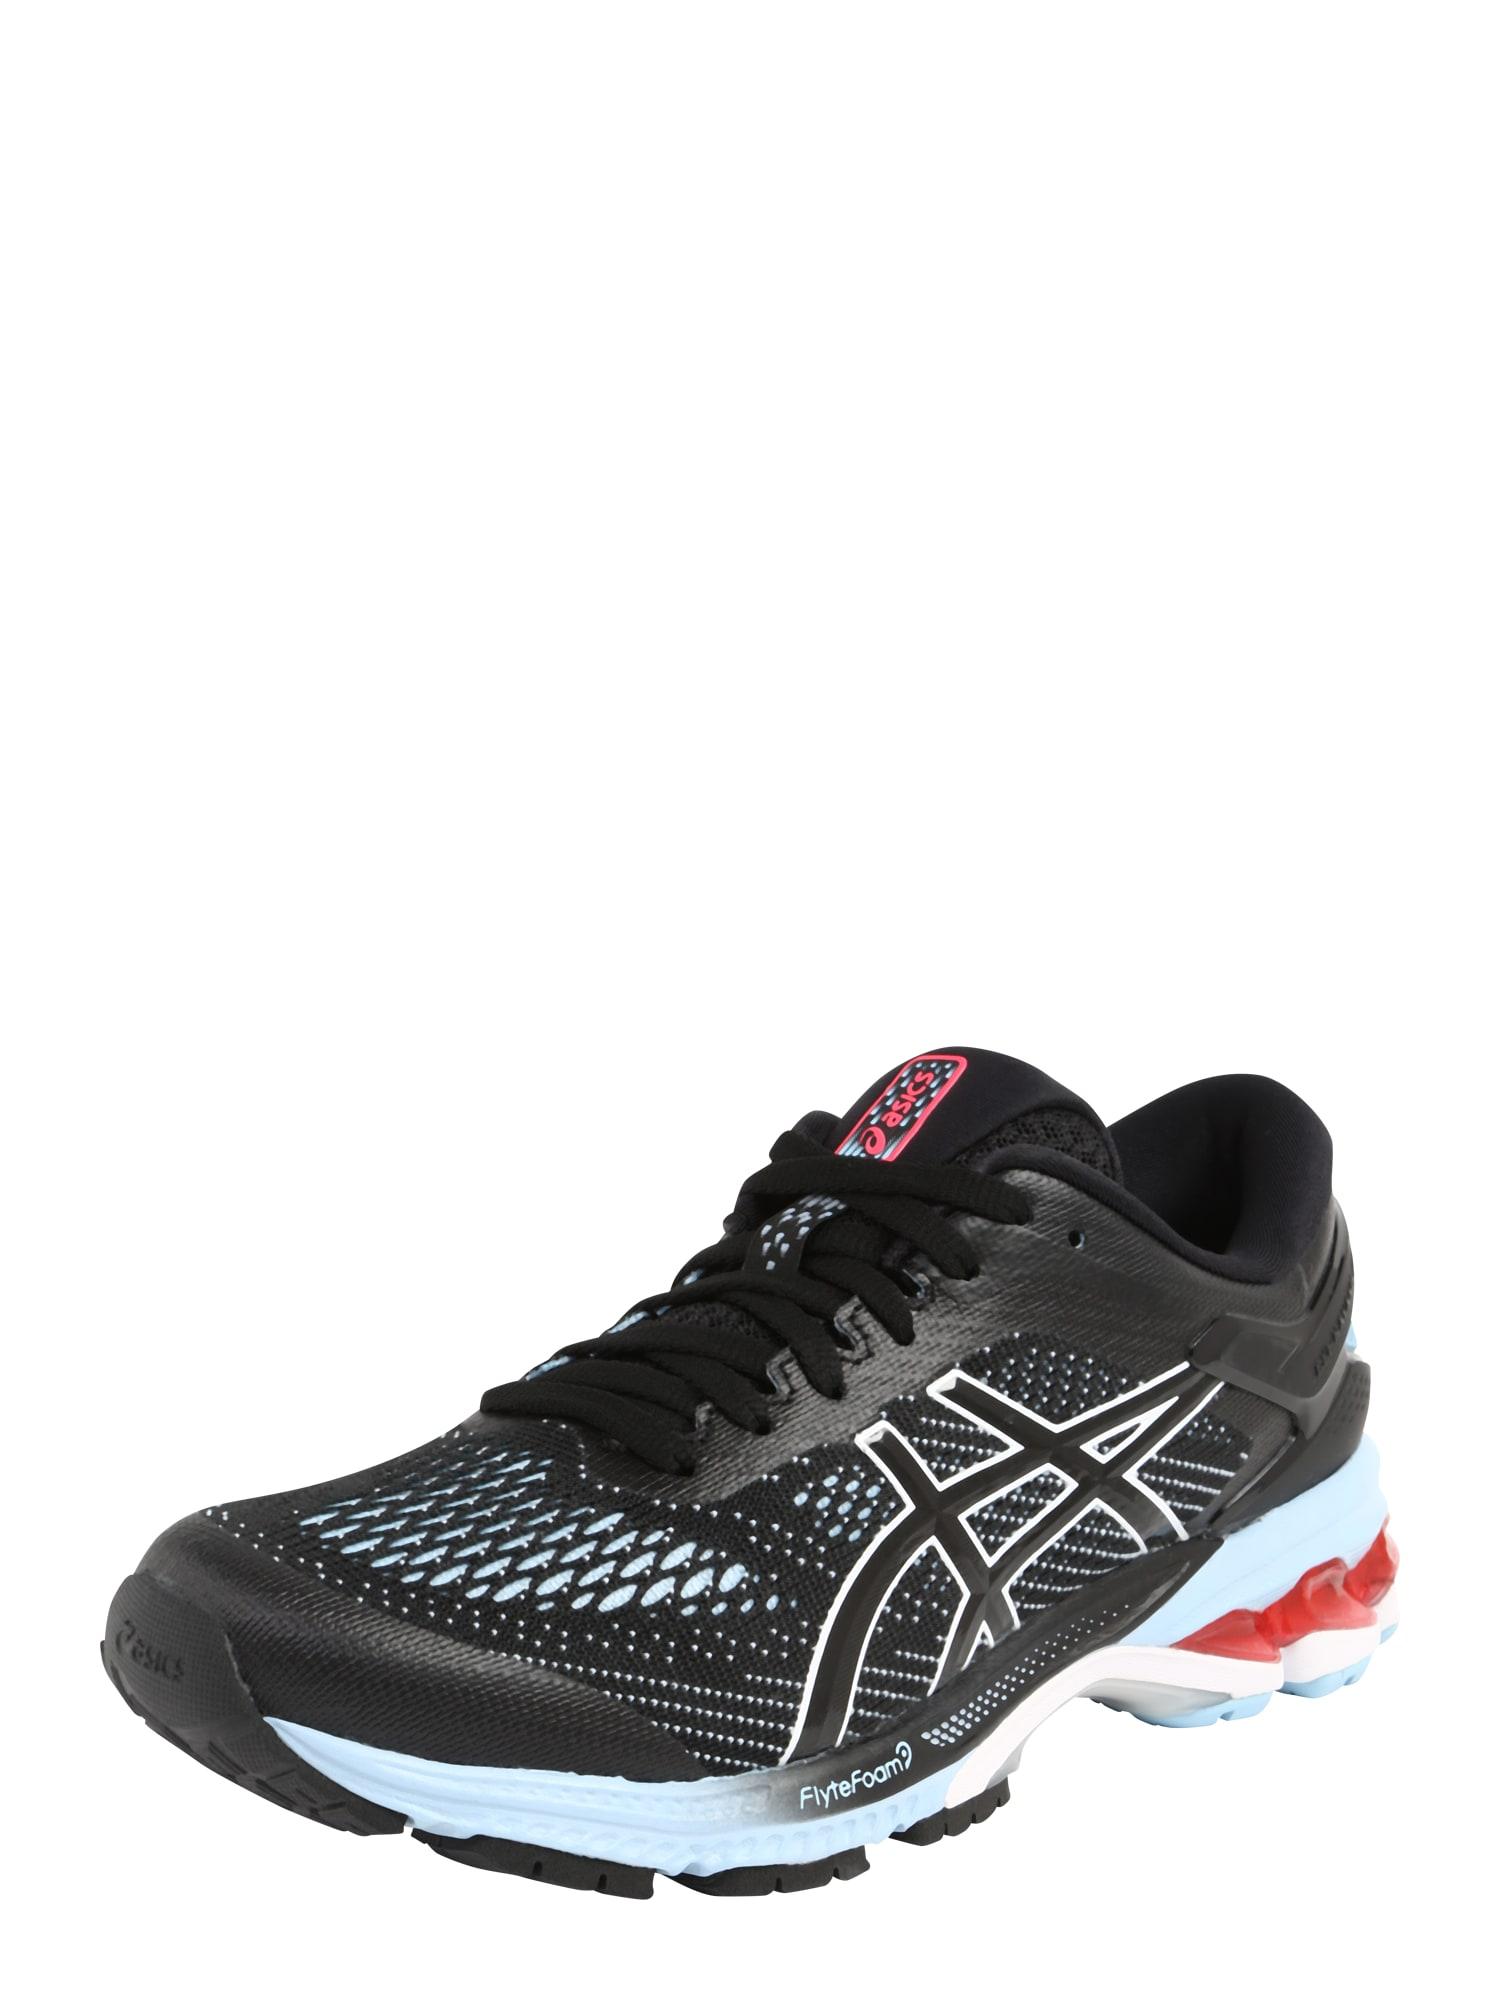 Běžecká obuv Gel-Kayano 26 mix barev černá ASICS